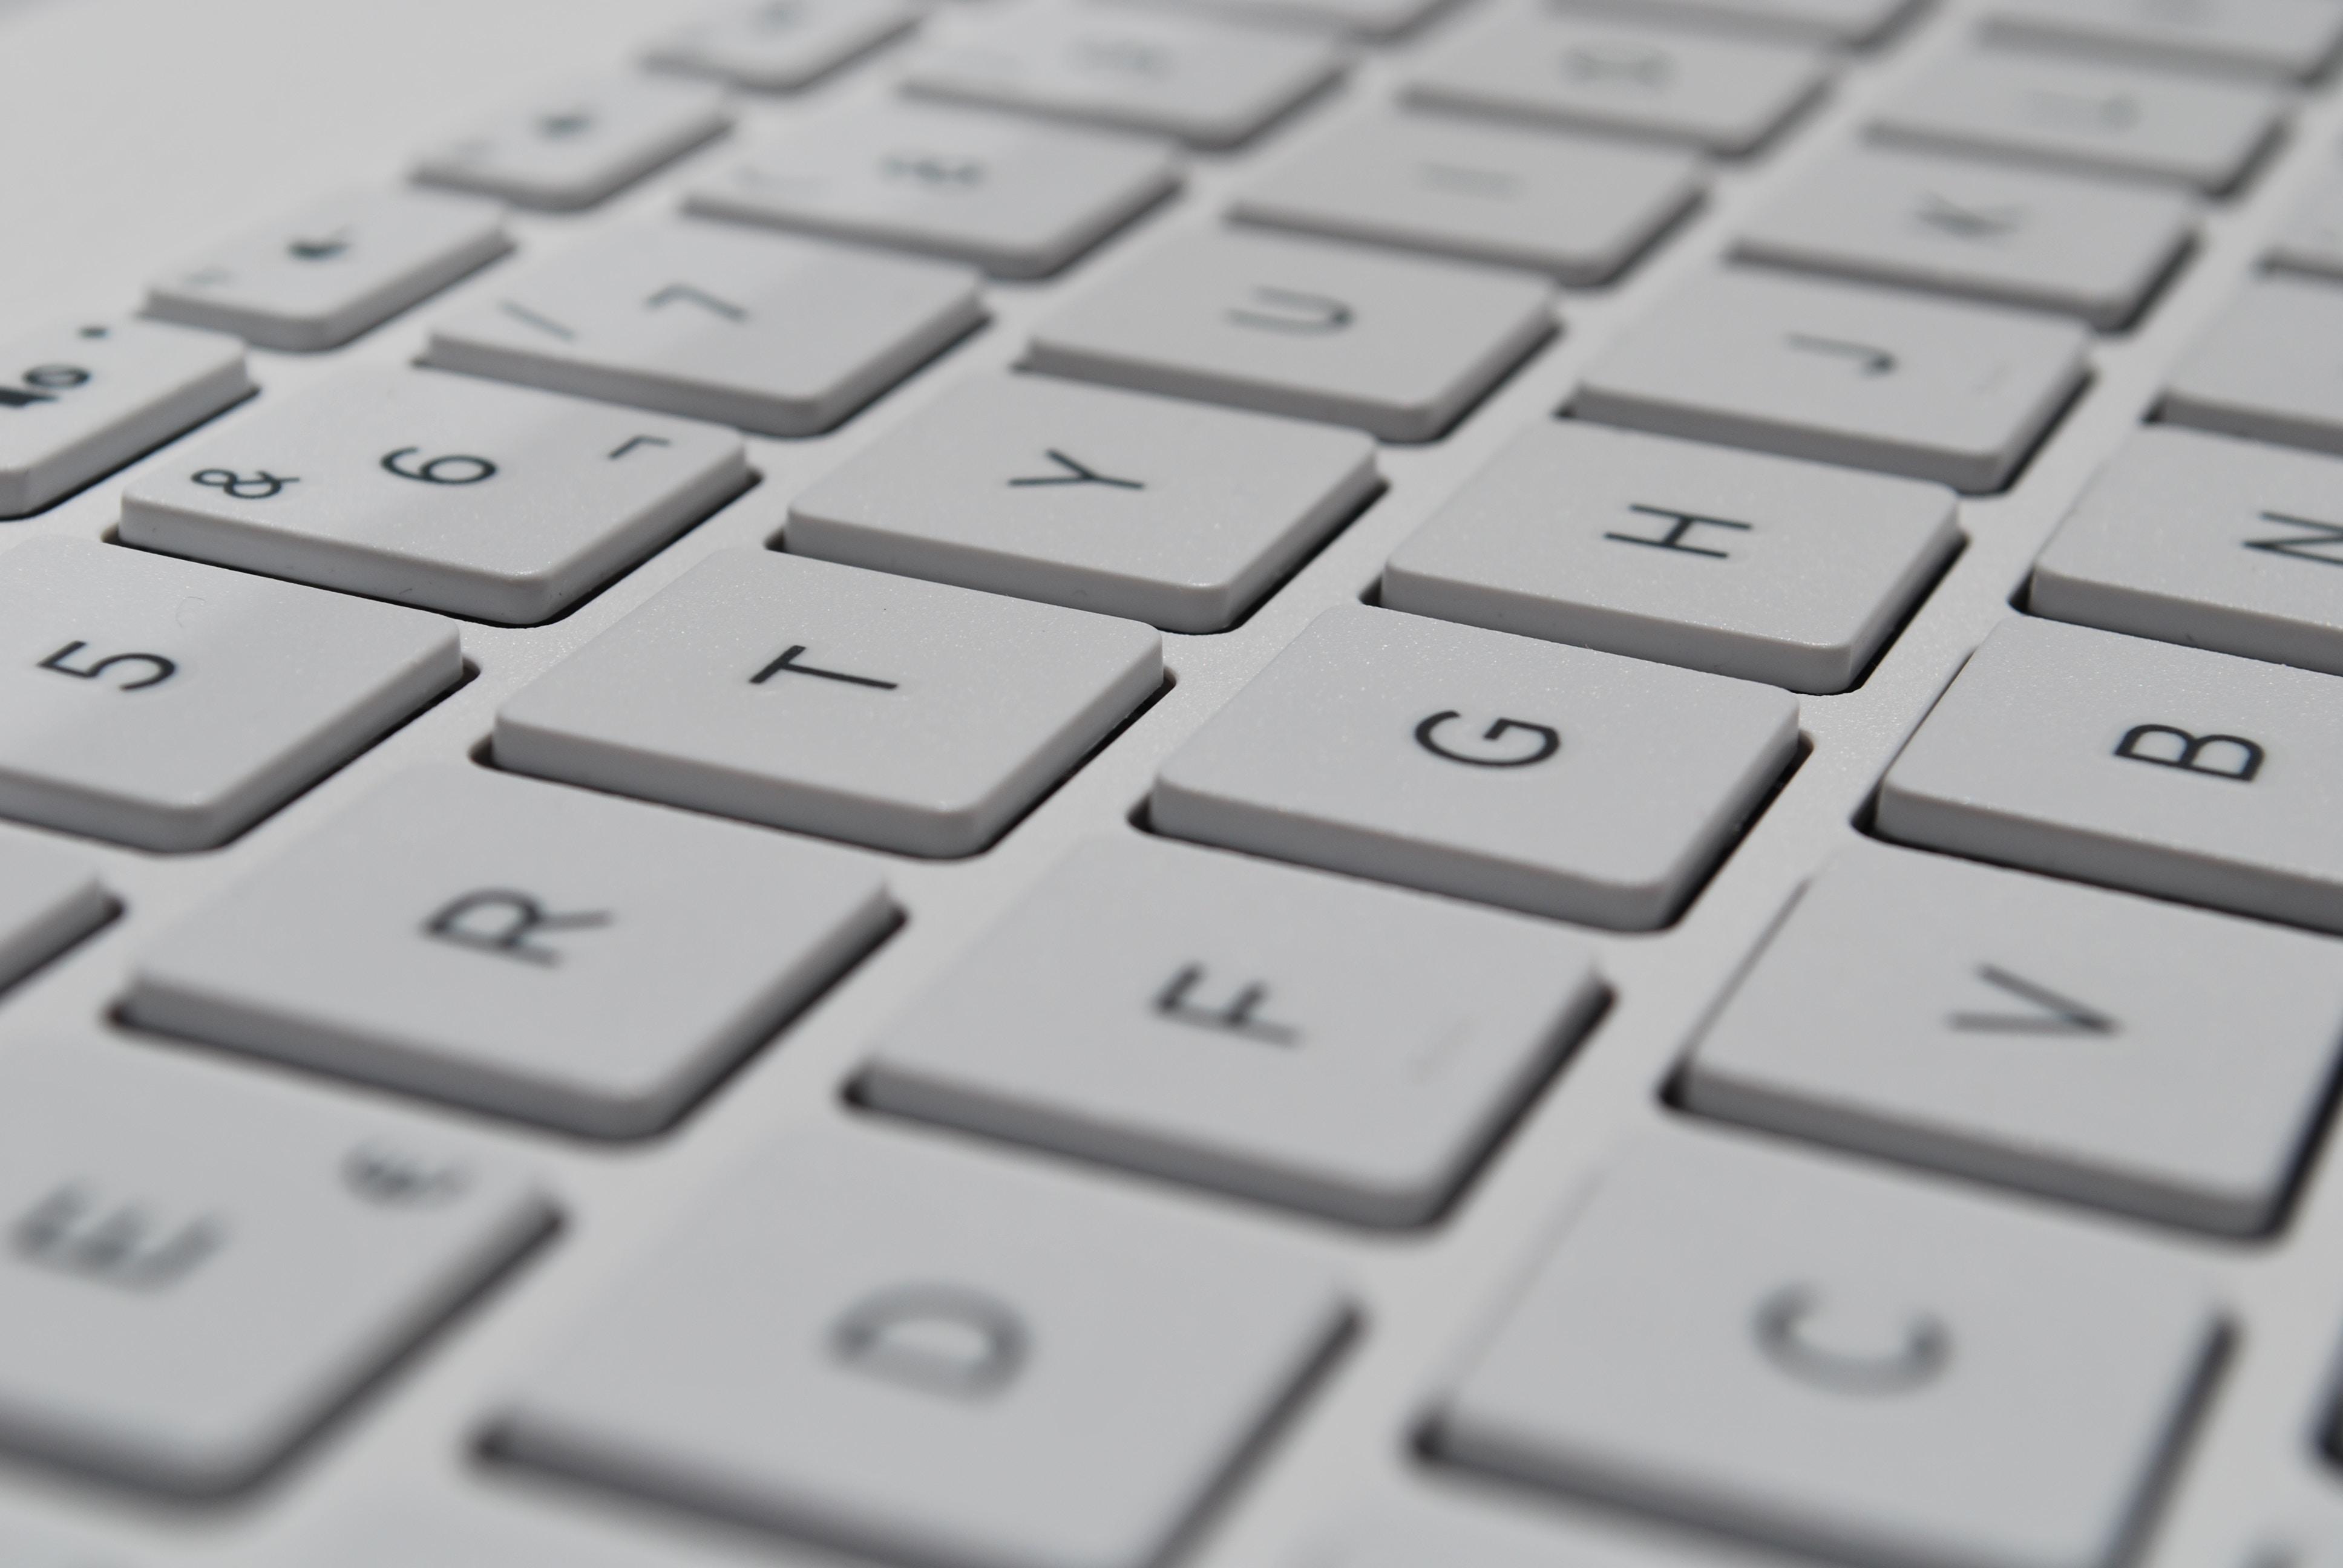 keyboard billentyűzet koszos baktérium bacteria clean